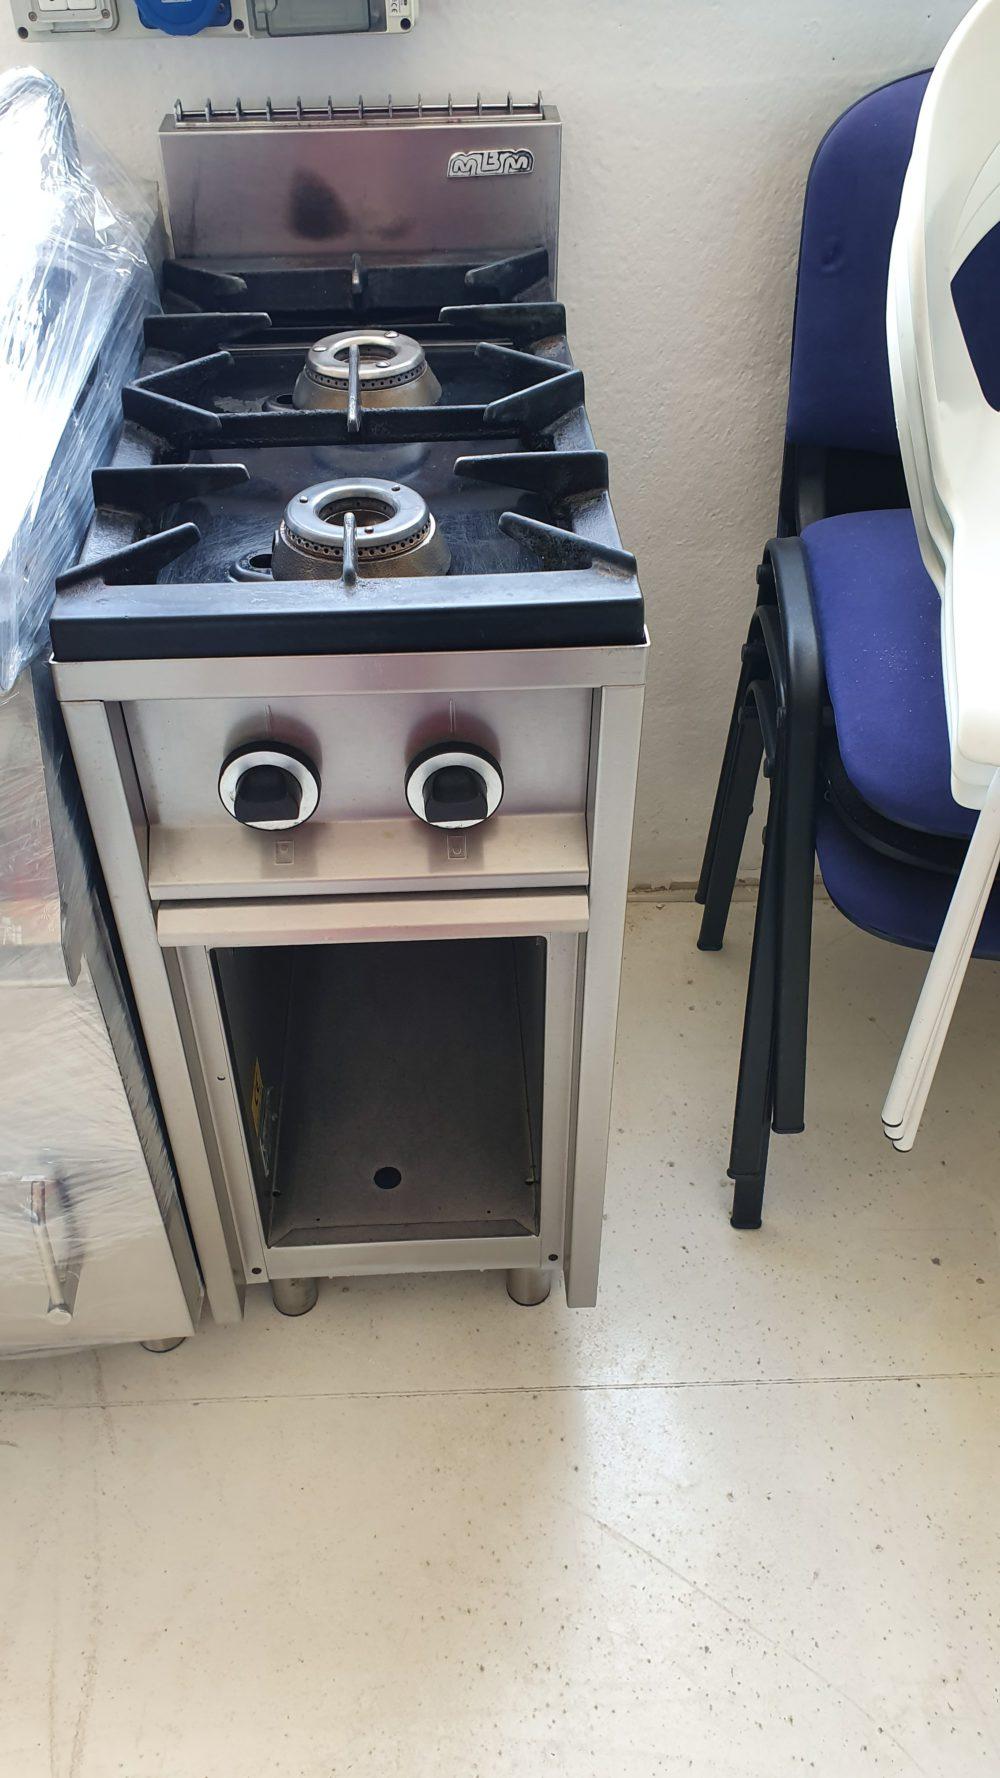 Cucine A Gas Professionali Usate.Cucina Gas 2 Fuochi Usata Mbm